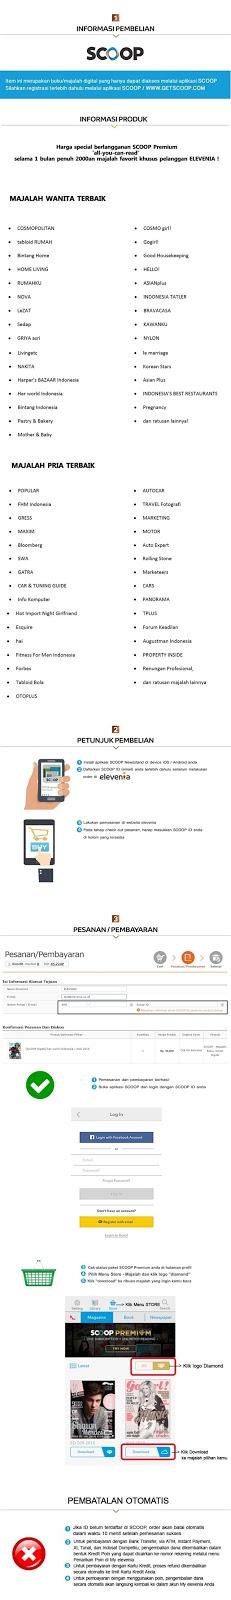 Majalah Digital Gratis SCOOP Premium